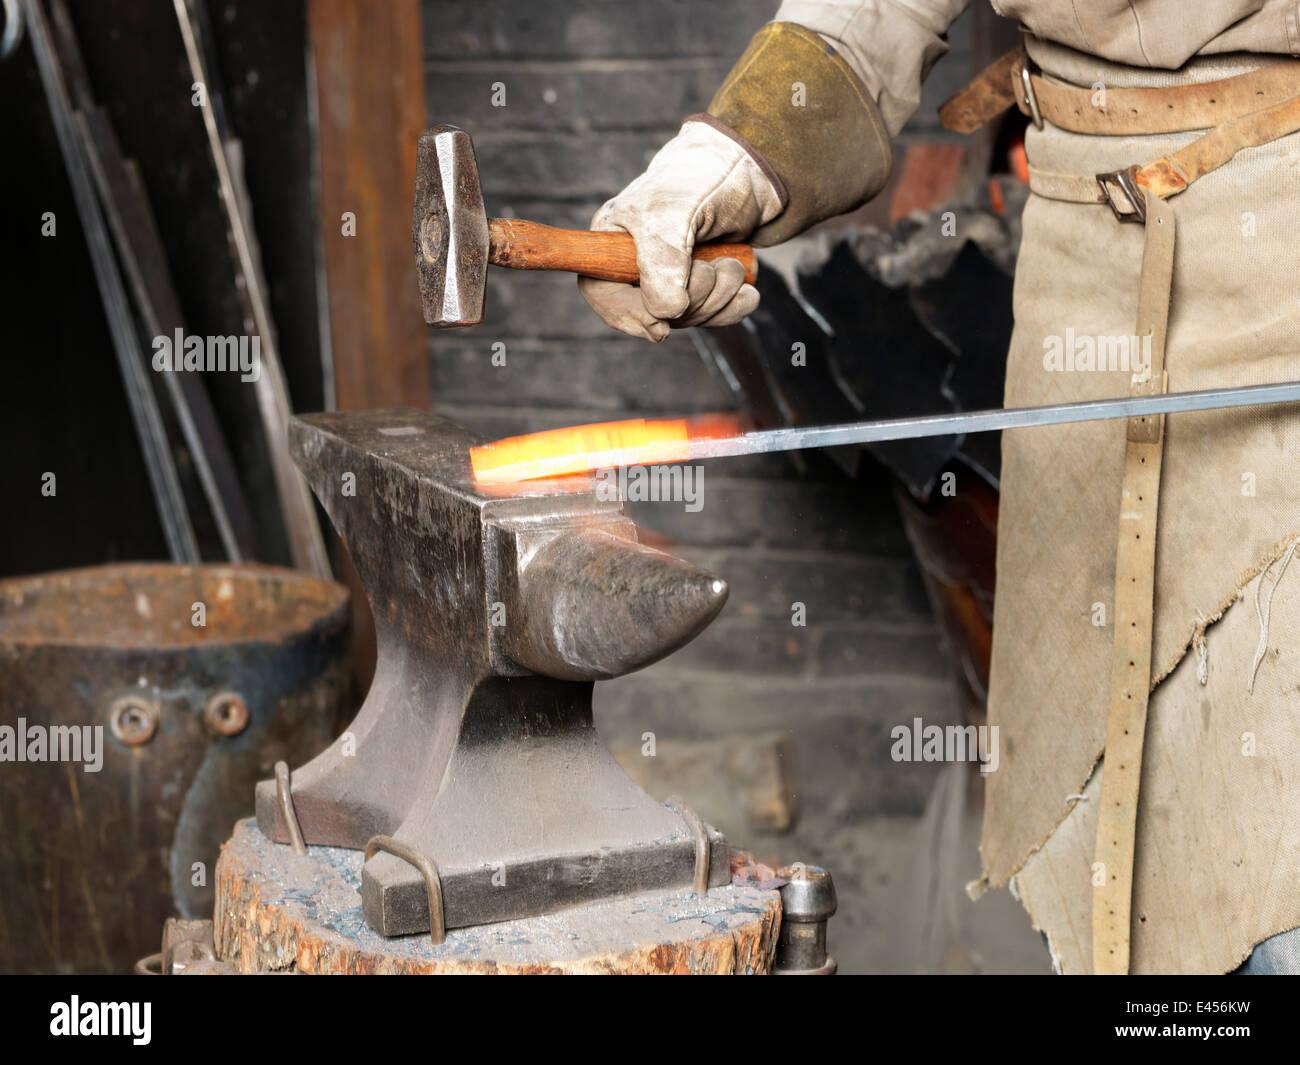 Bild der Schmiede Hämmern eine rote Roheisen Rute abgeschnitten Stockbild